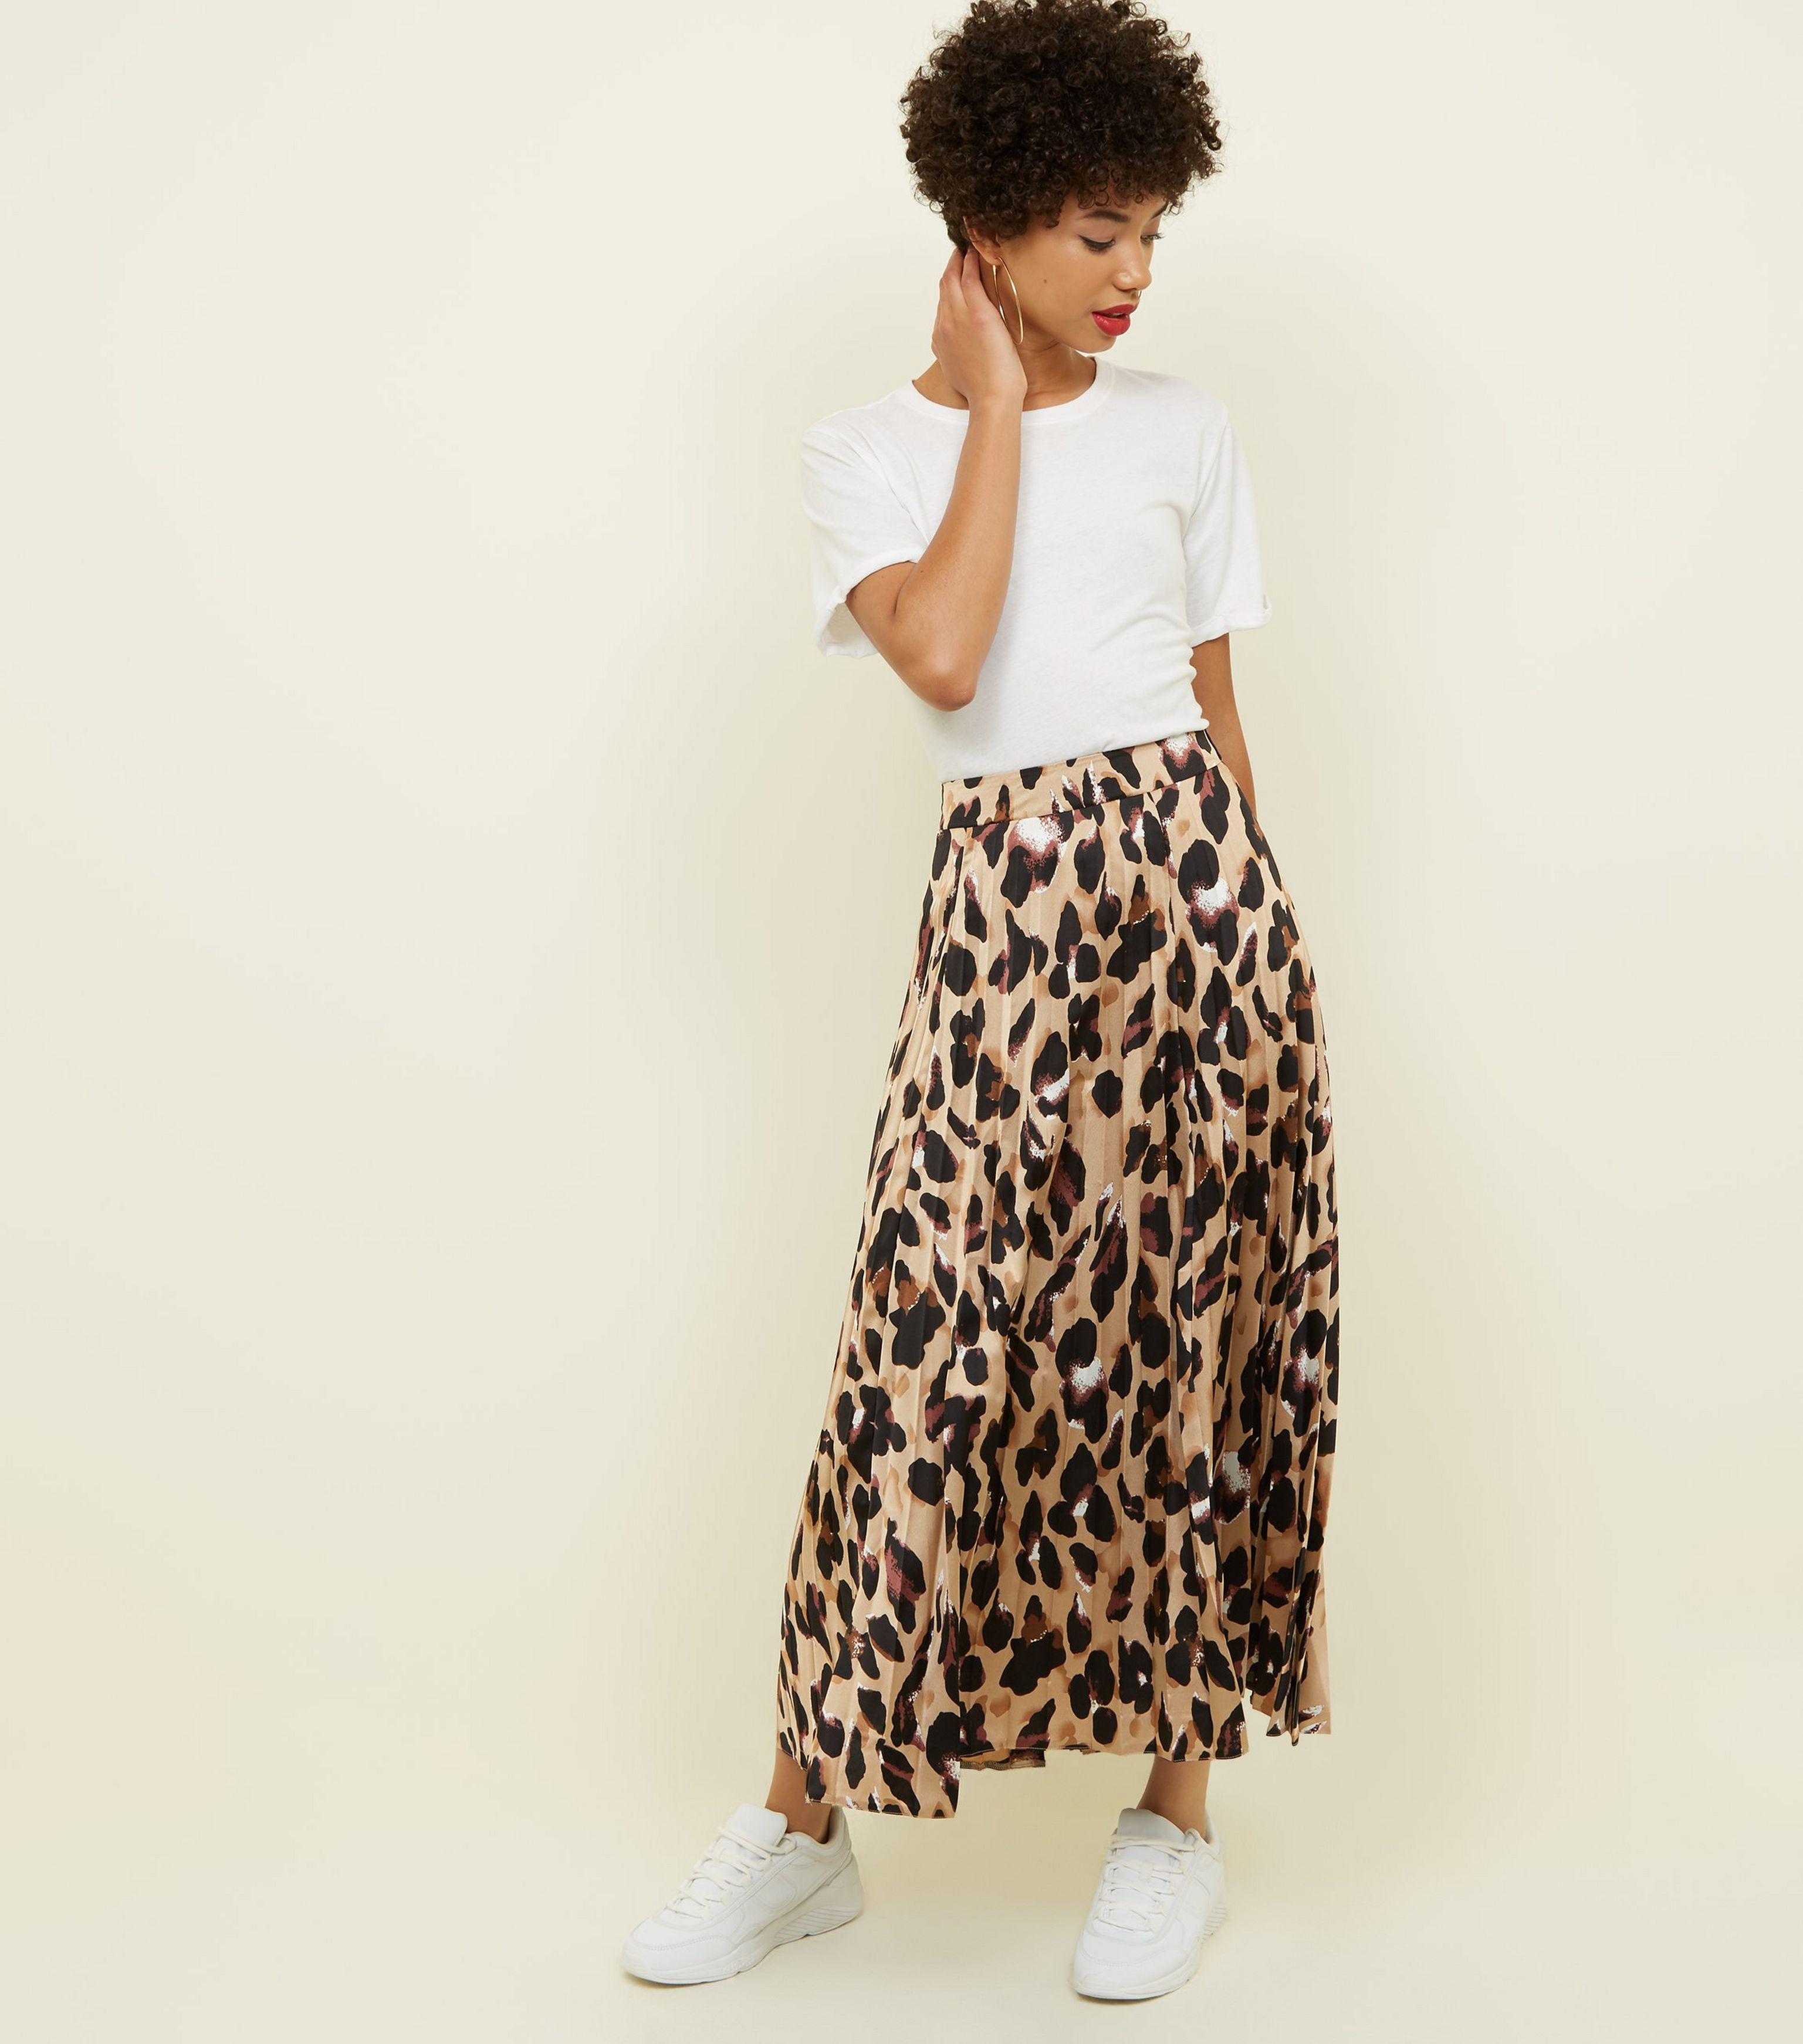 e113f652f New Look Brown Leopard Print Pleated Satin Midi Skirt in Brown - Lyst